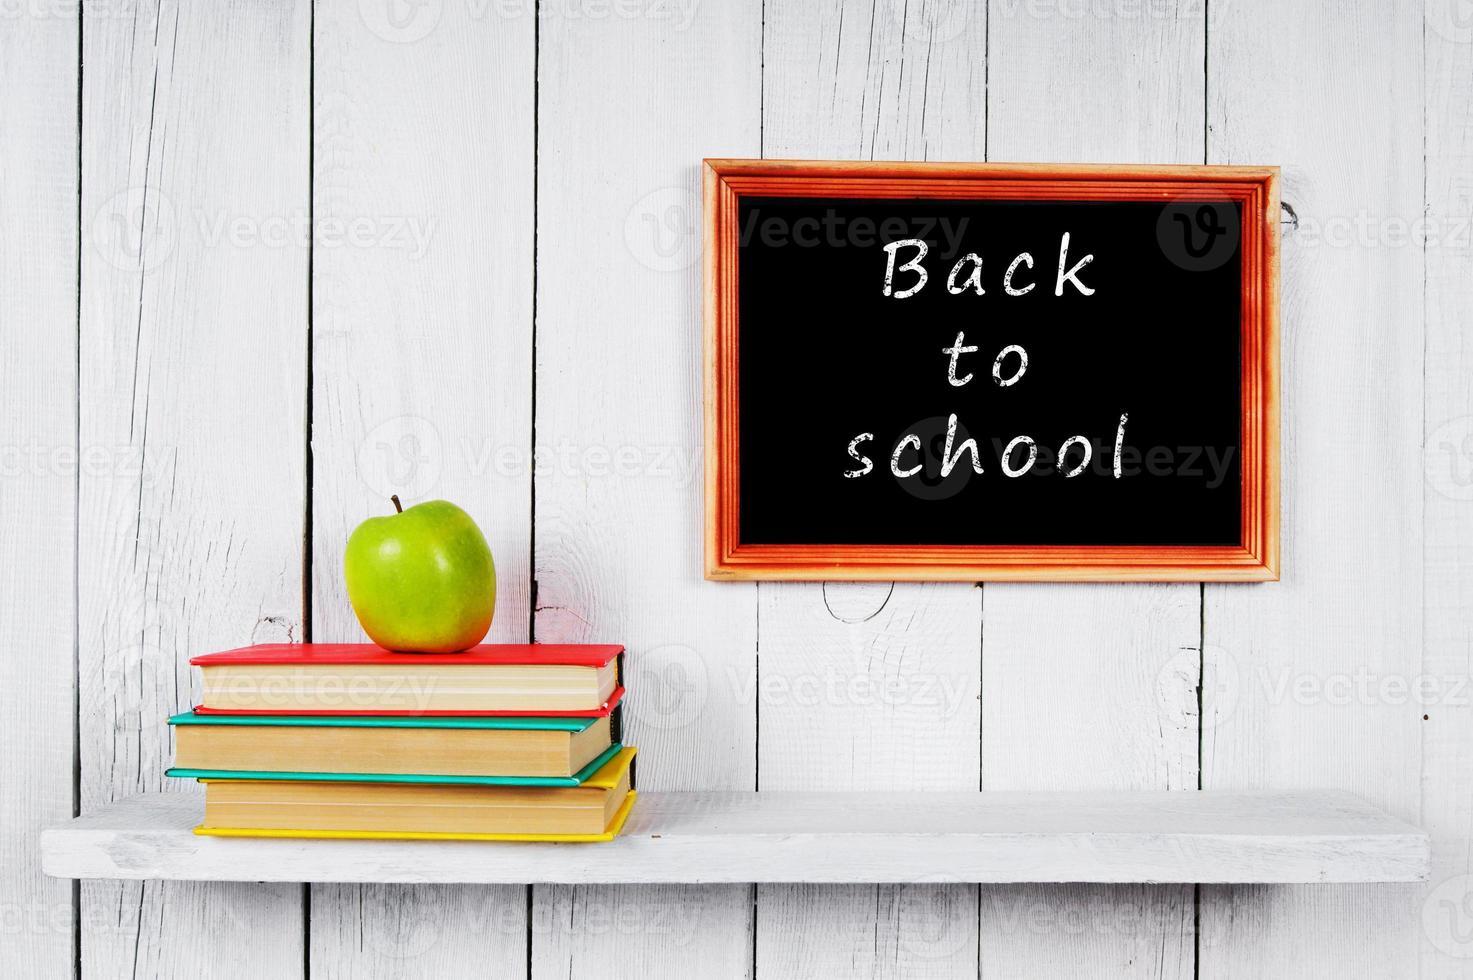 De vuelta a la escuela. libros y una manzana. foto